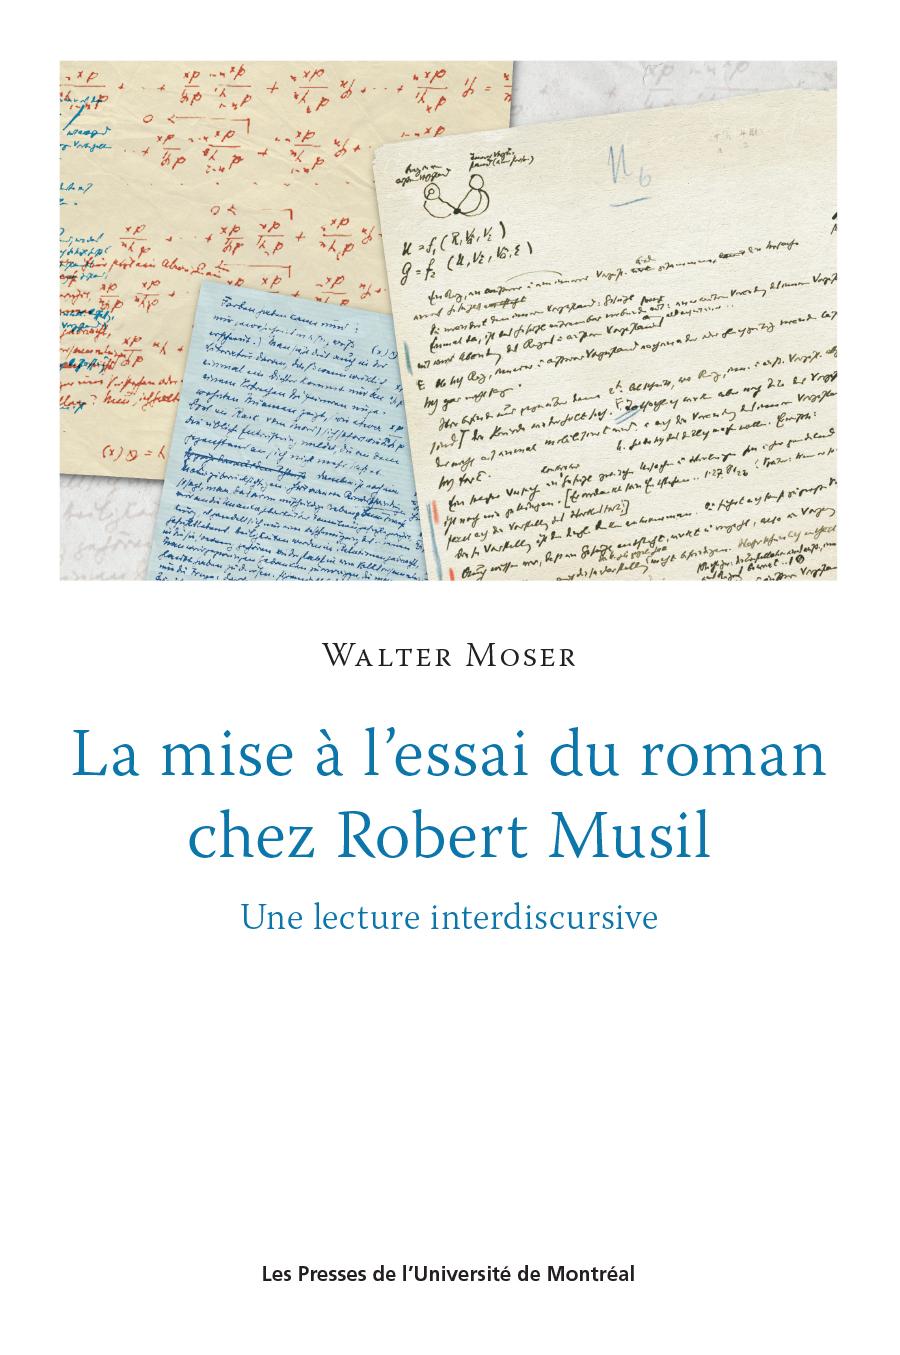 La mise à l'essai du roman chez Robert Musil